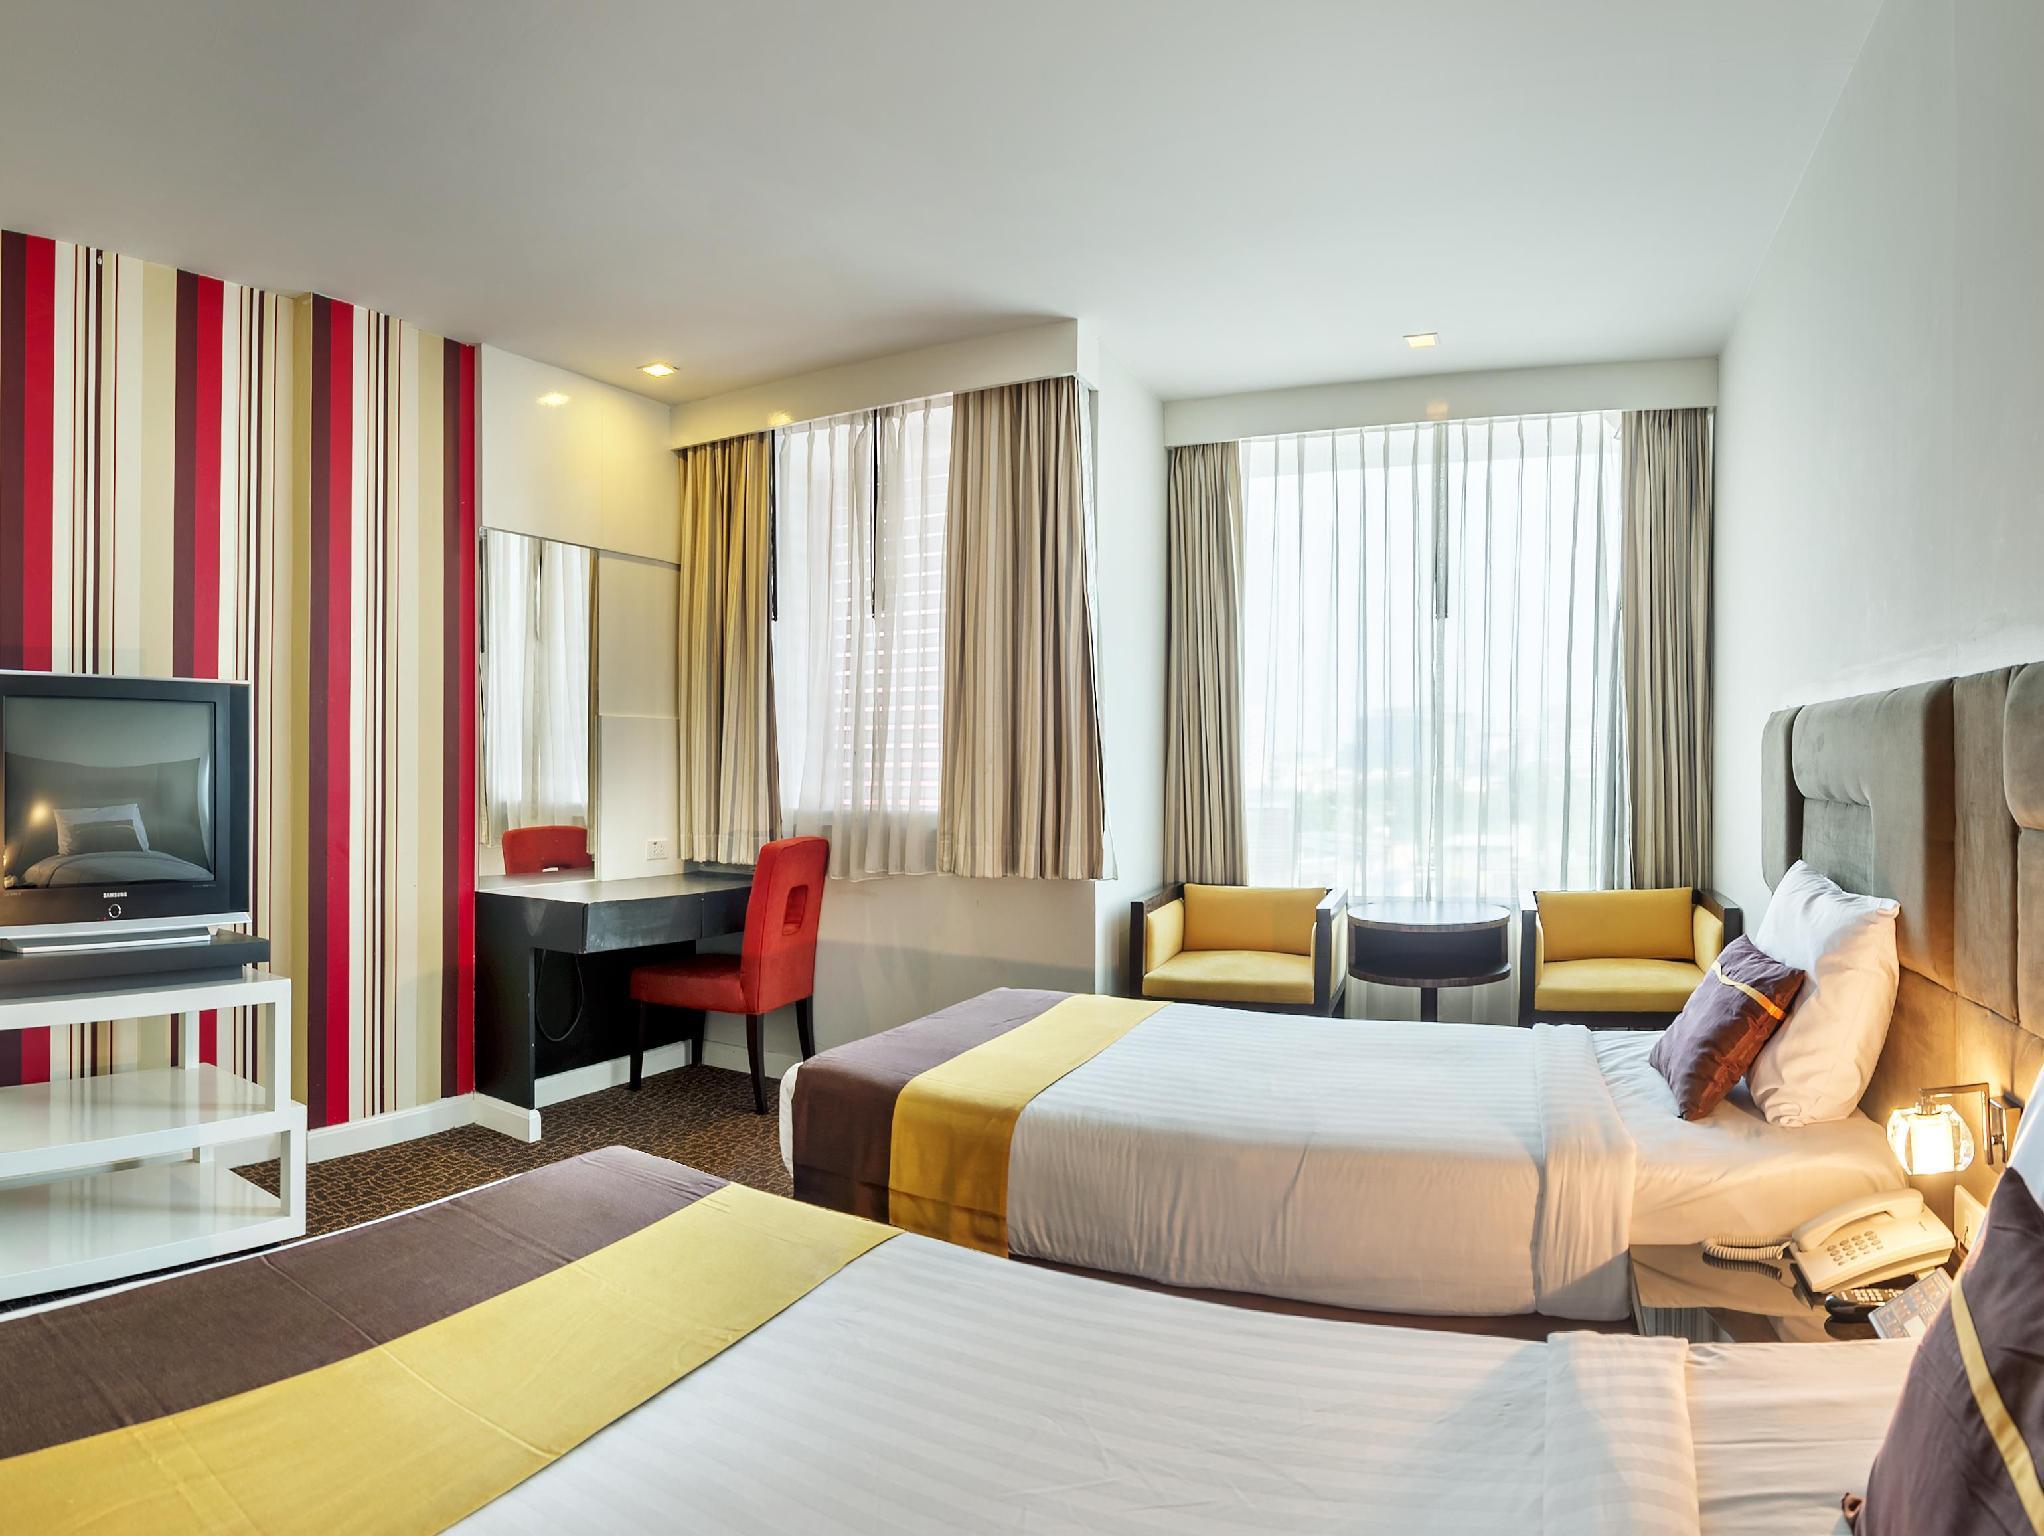 โรงแรมธำรงอินท์